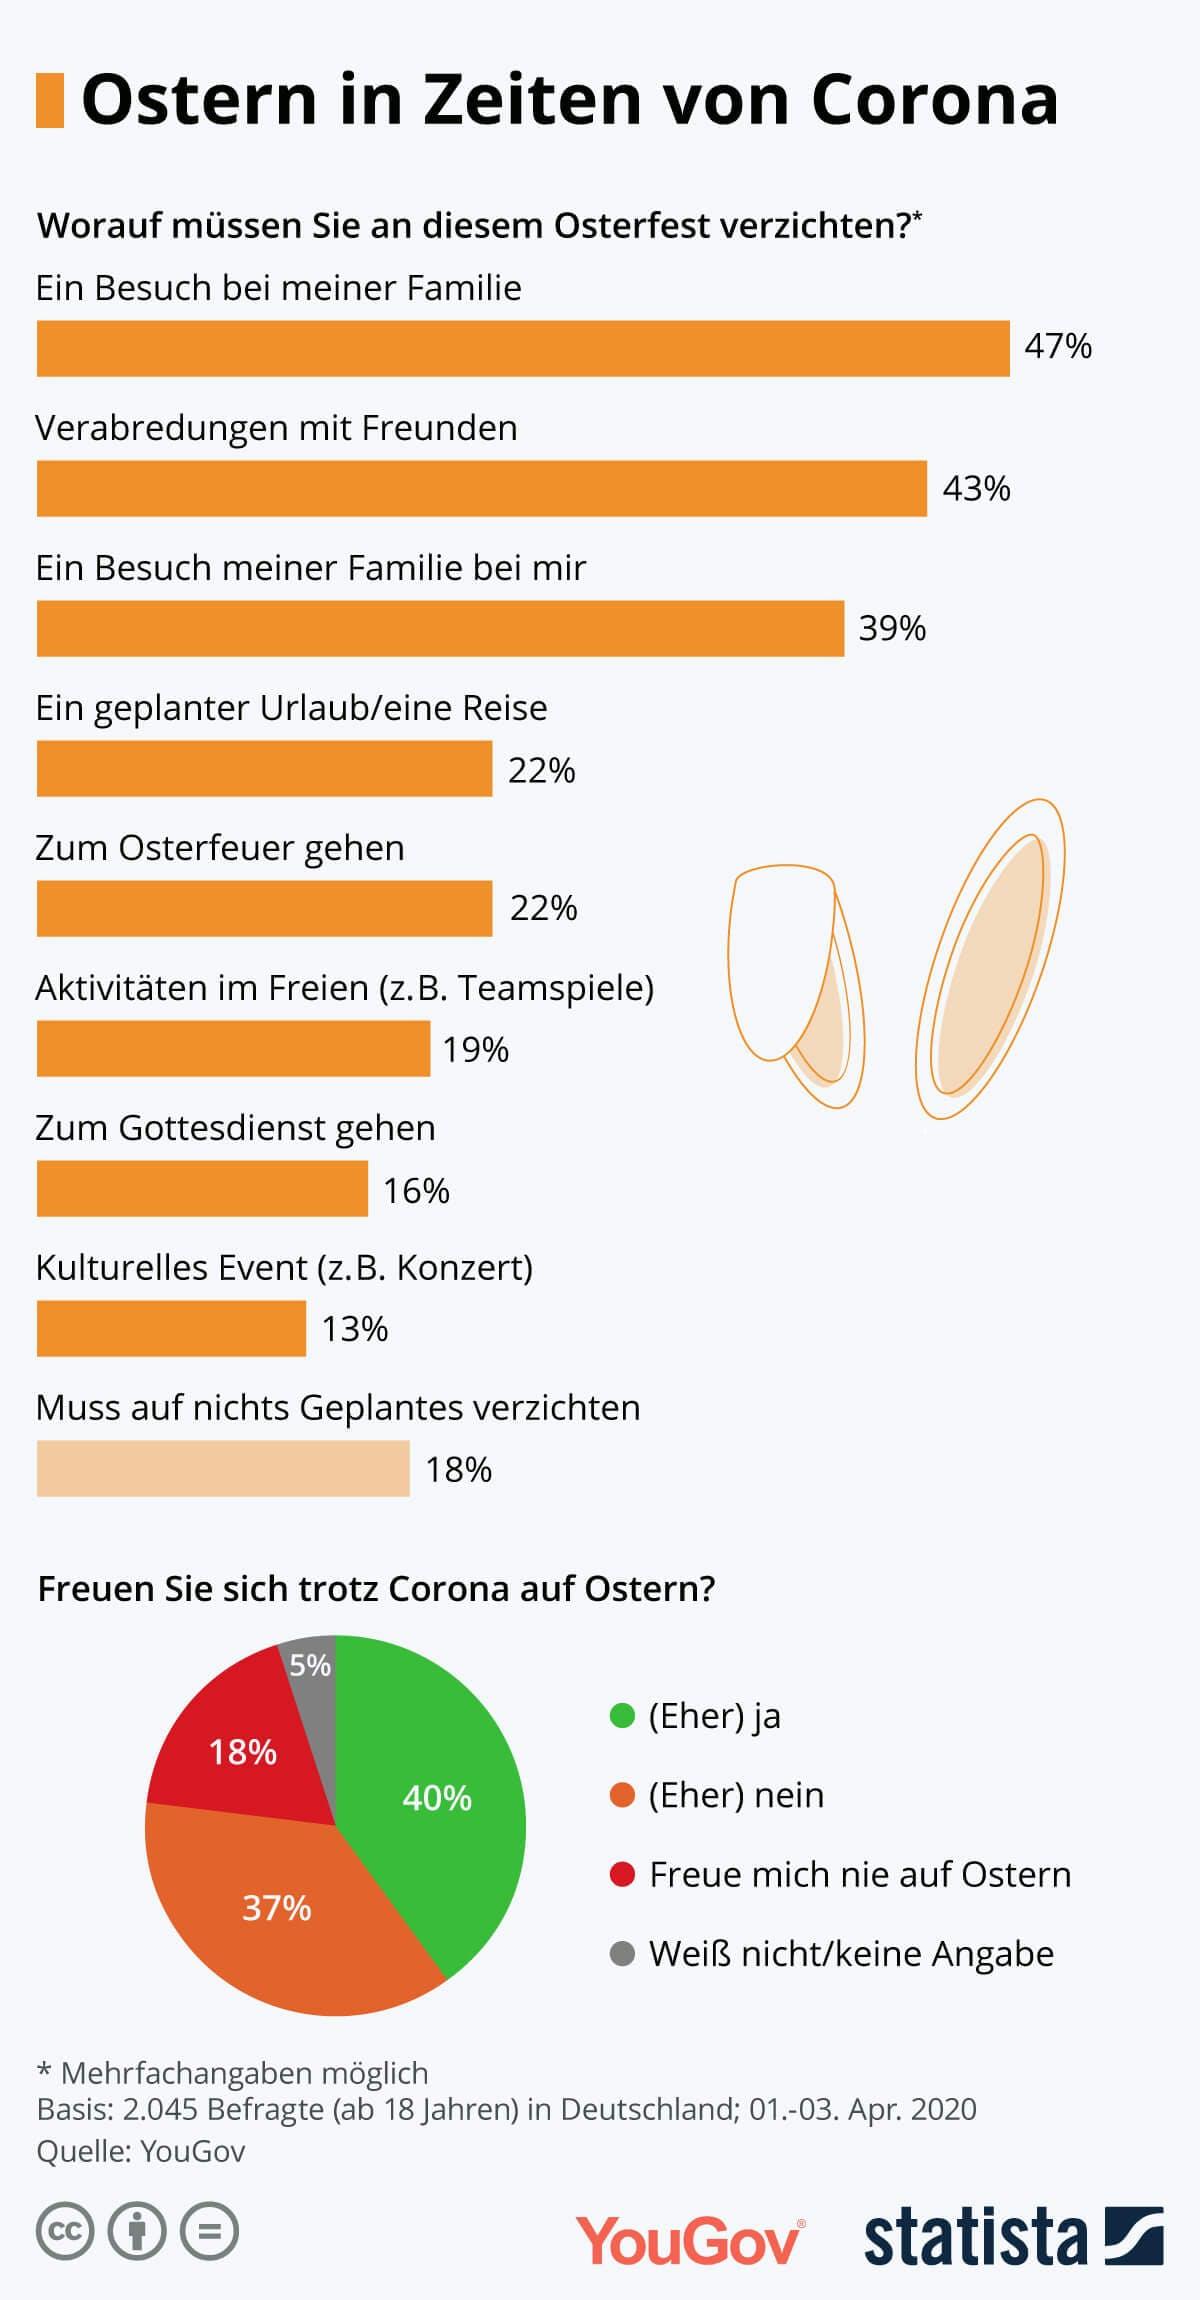 Infografik: Ostern in Zeiten von Corona